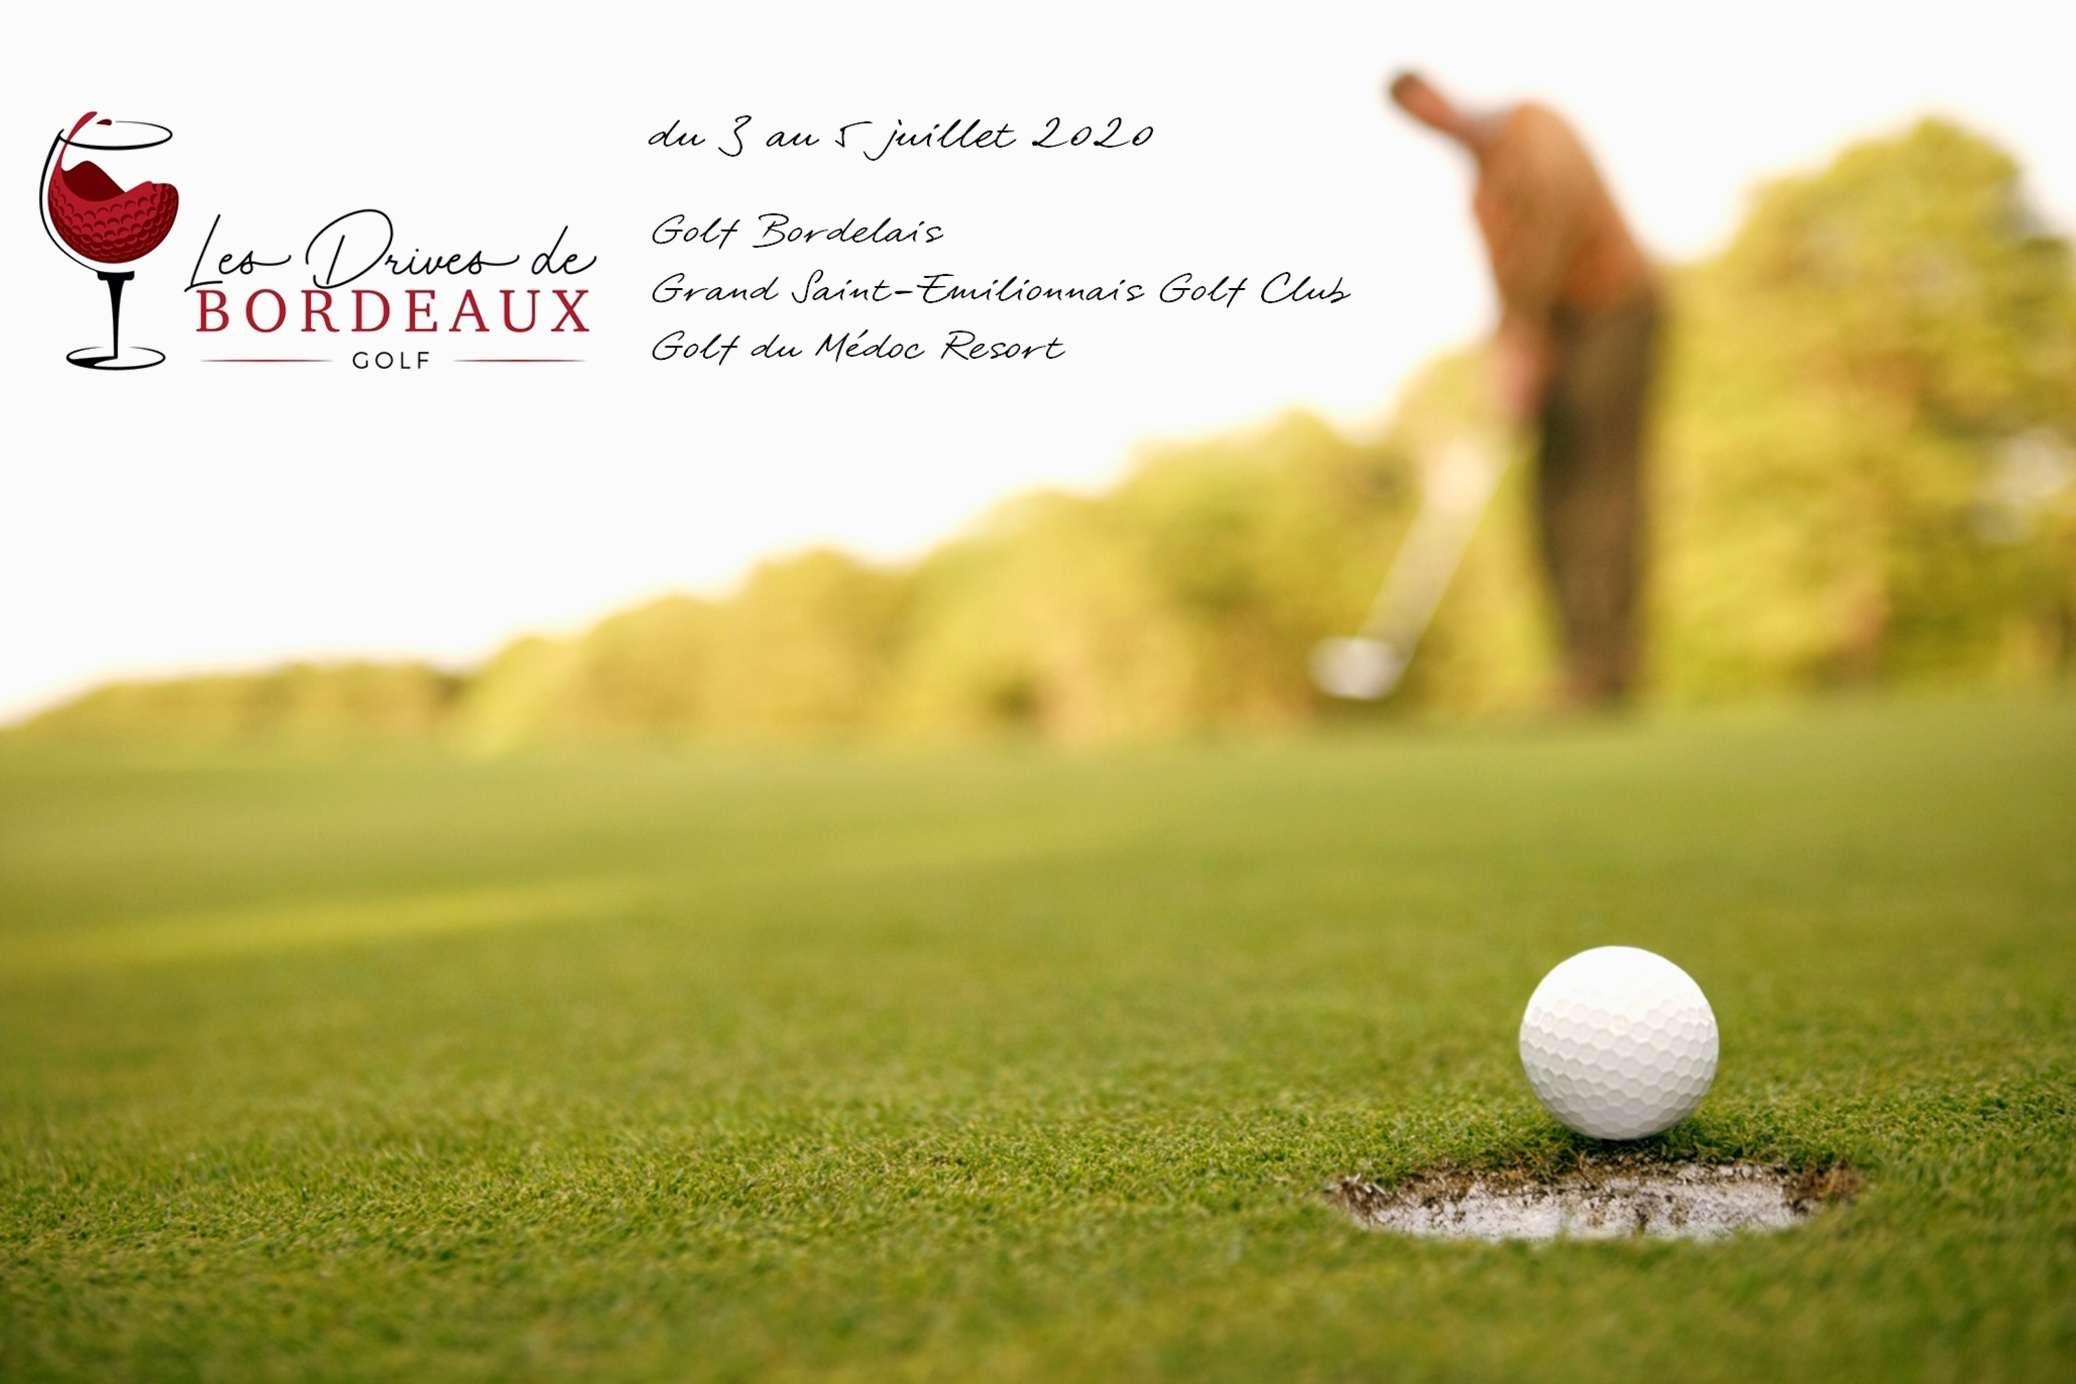 Les Drives de Bordeaux 2020